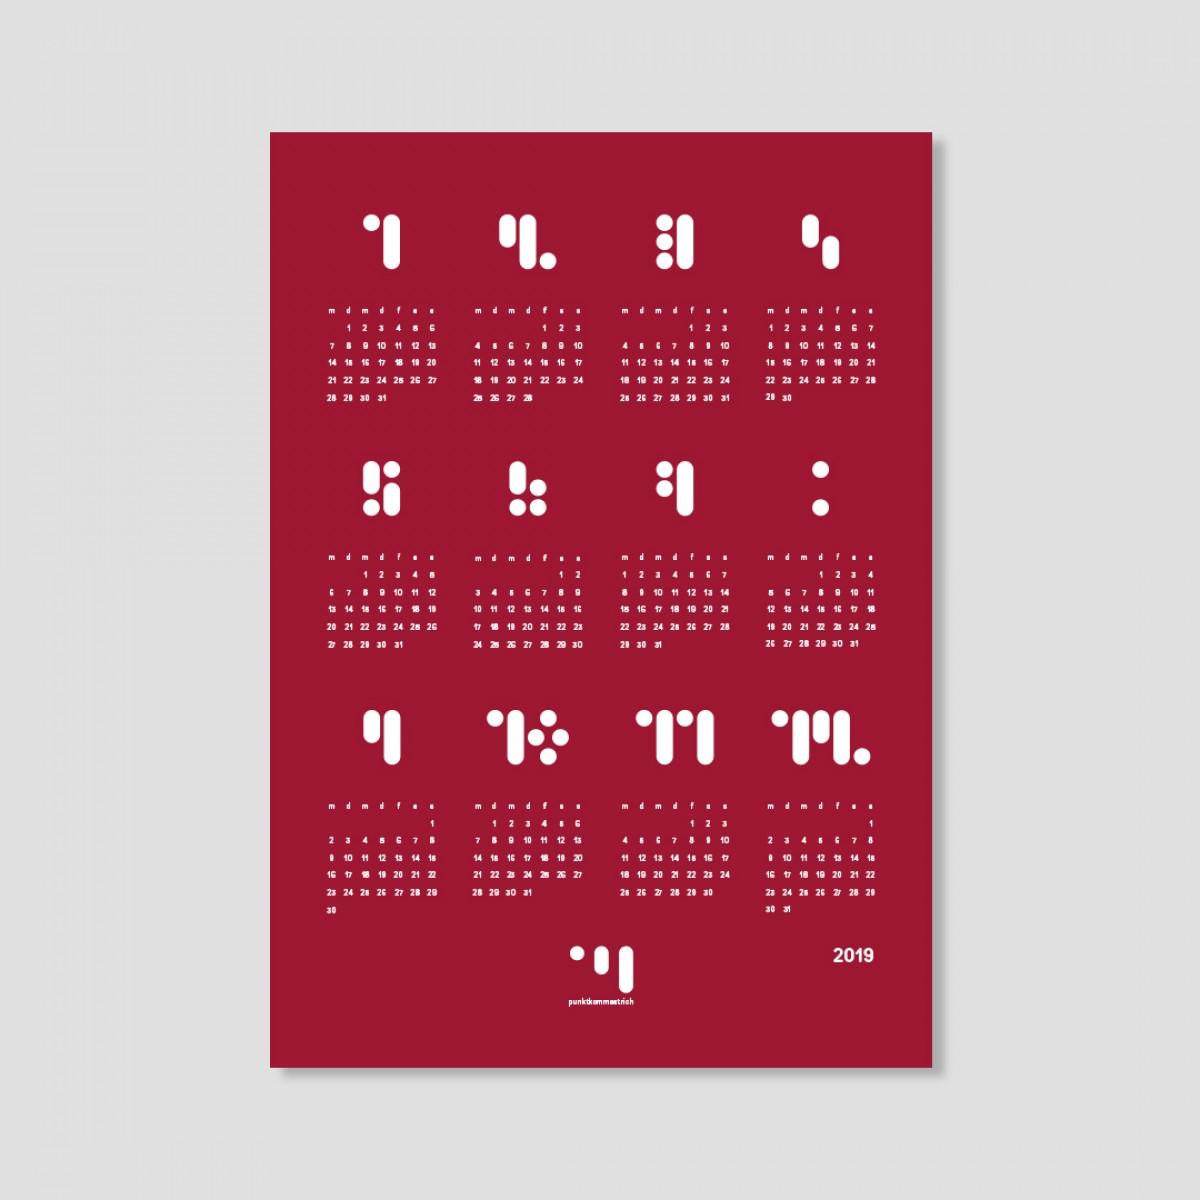 kalender 2019 jester red Designwandkalender